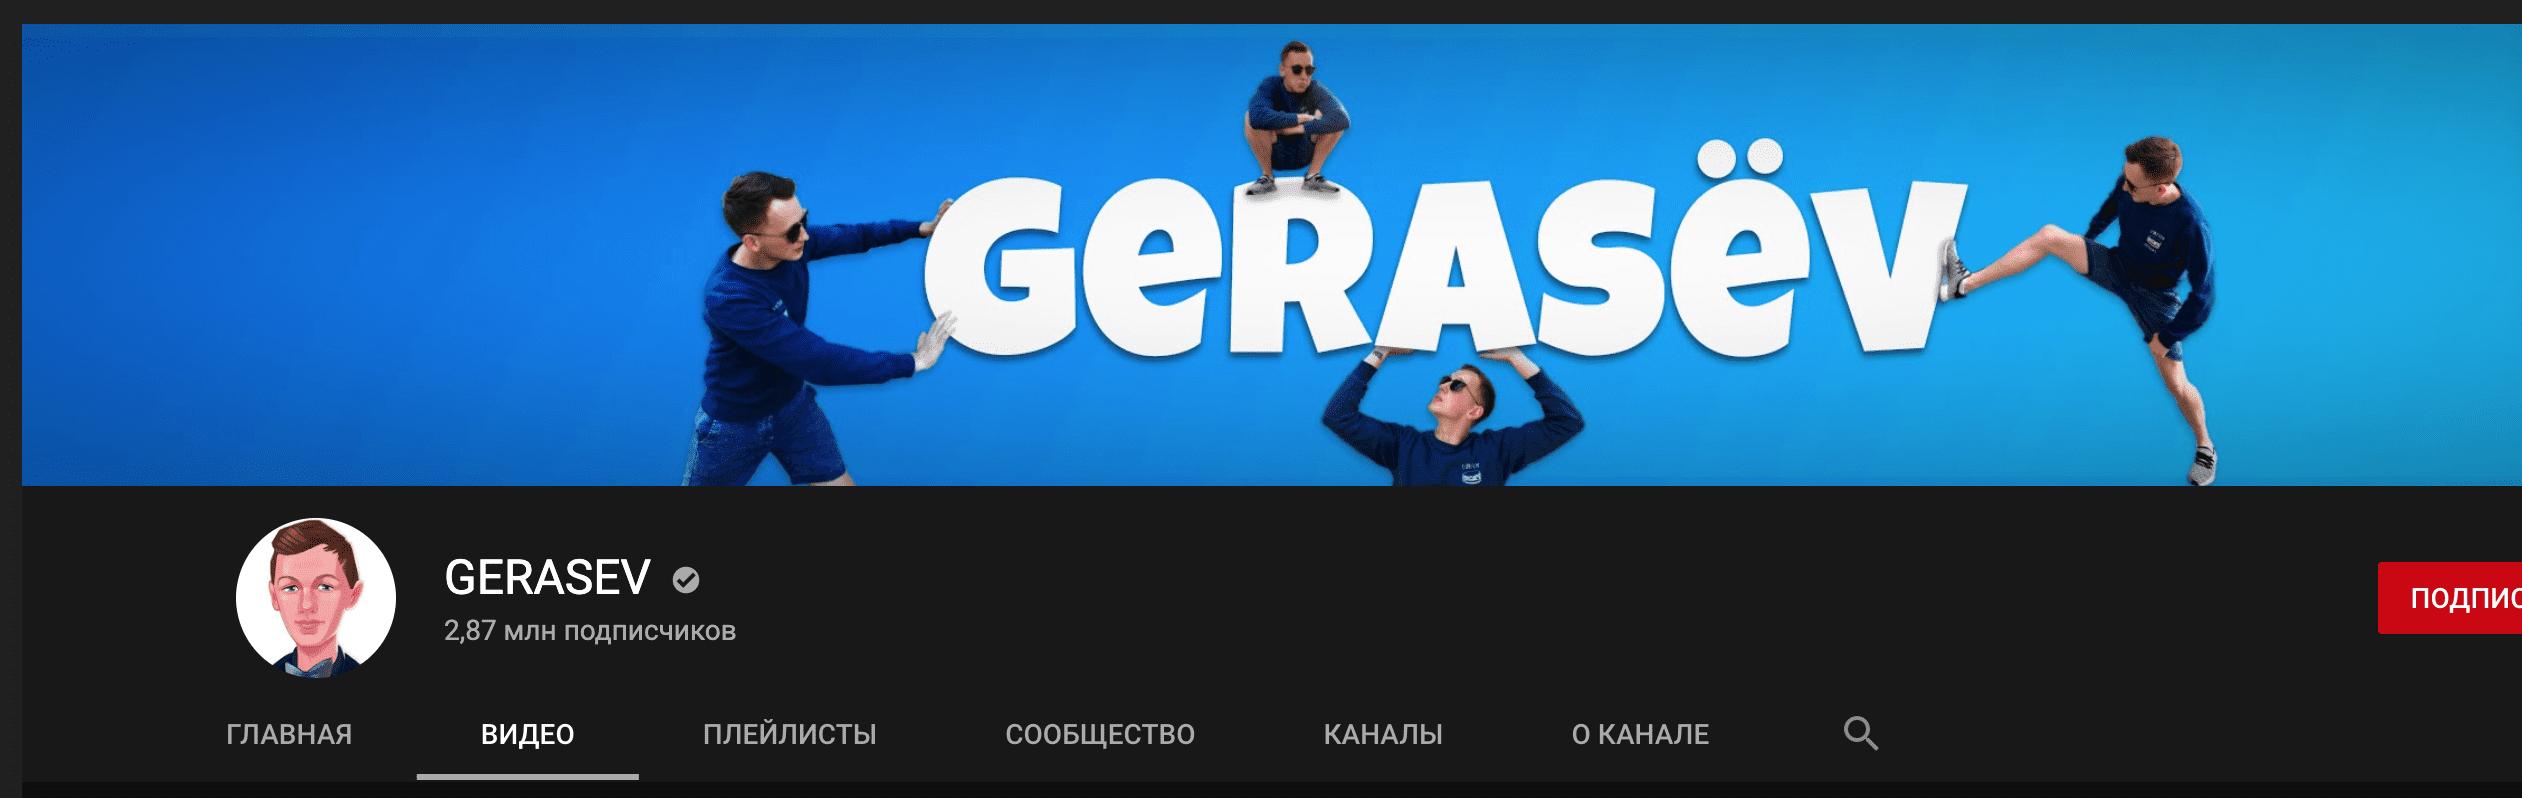 Ютуб канал основателя проекта Gerasev Bet (Герасев Бет)